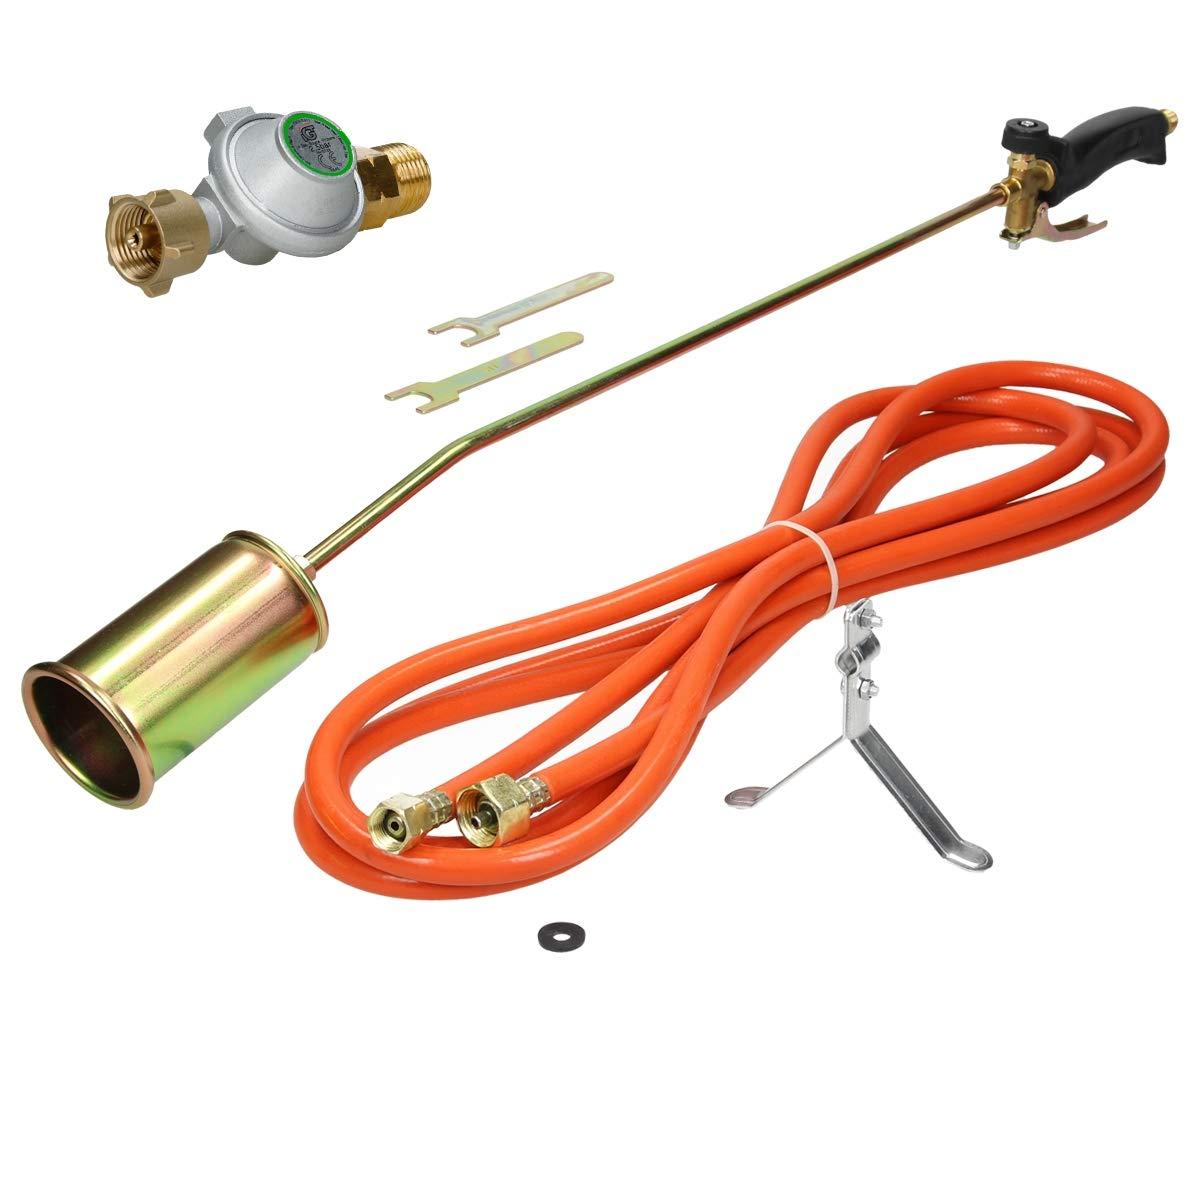 ECD Germany Abflammgerä t - 58 kW Brennleistung - mit 5 m Propangasschlauch und 2, 5 bar Druckminderer- als Unkrautvernichter elektrisch und Dachbrenner